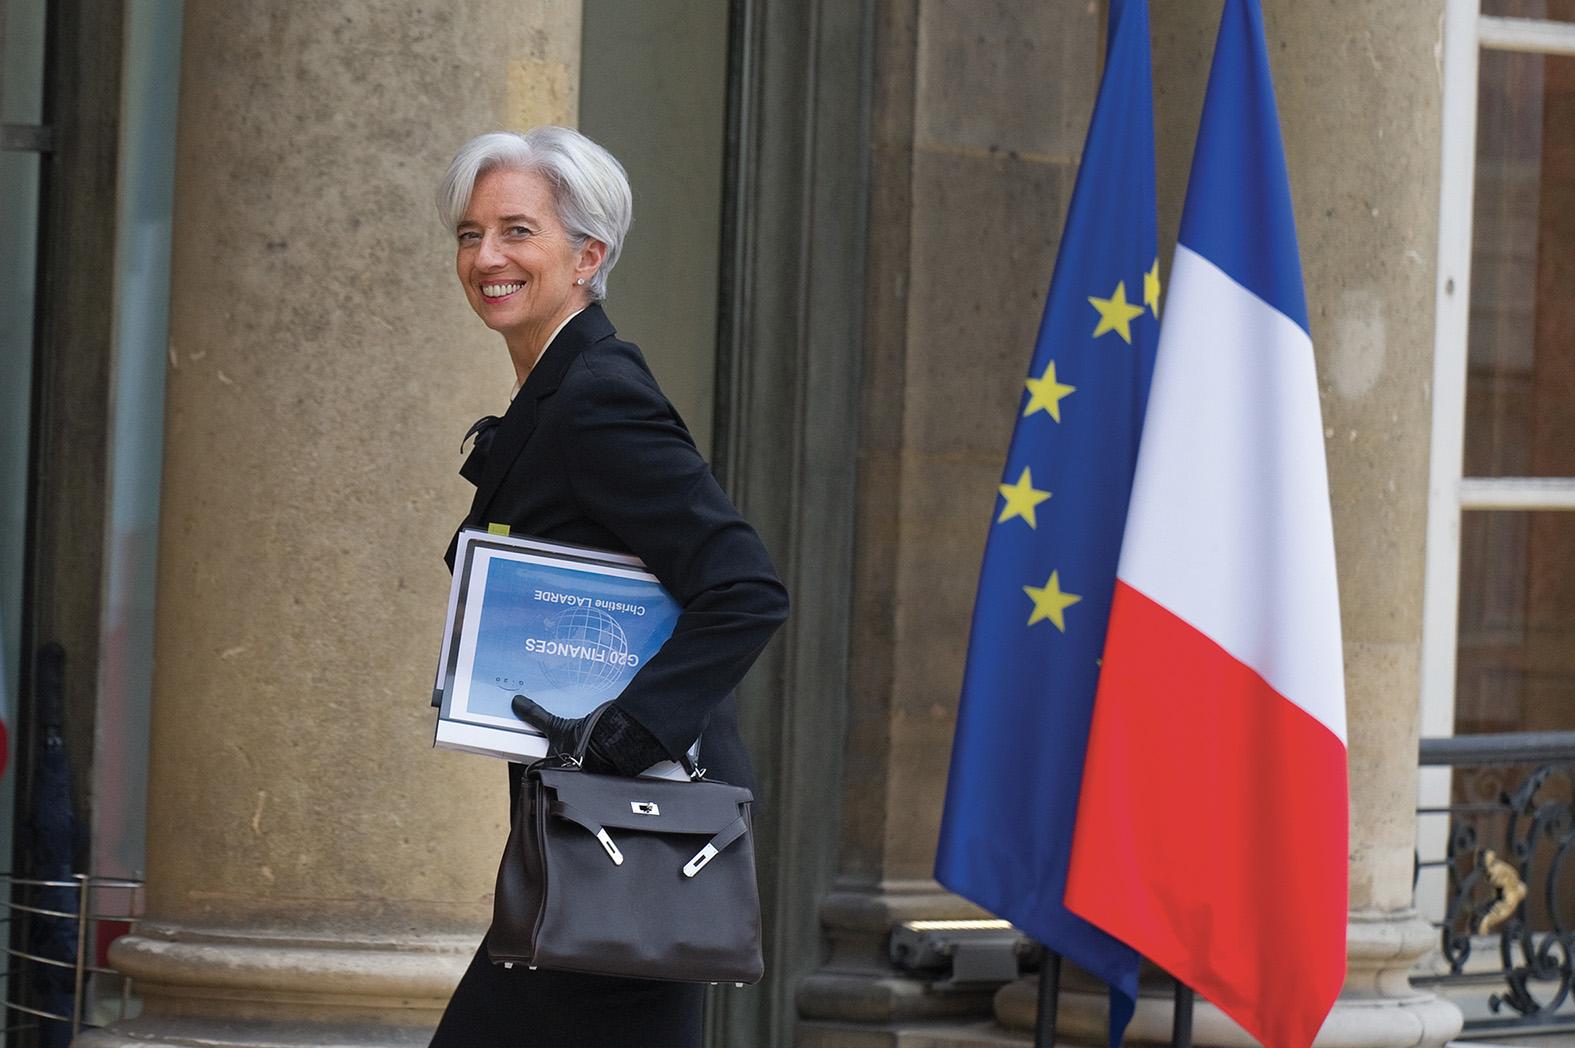 Occhi puntati sulla Bce